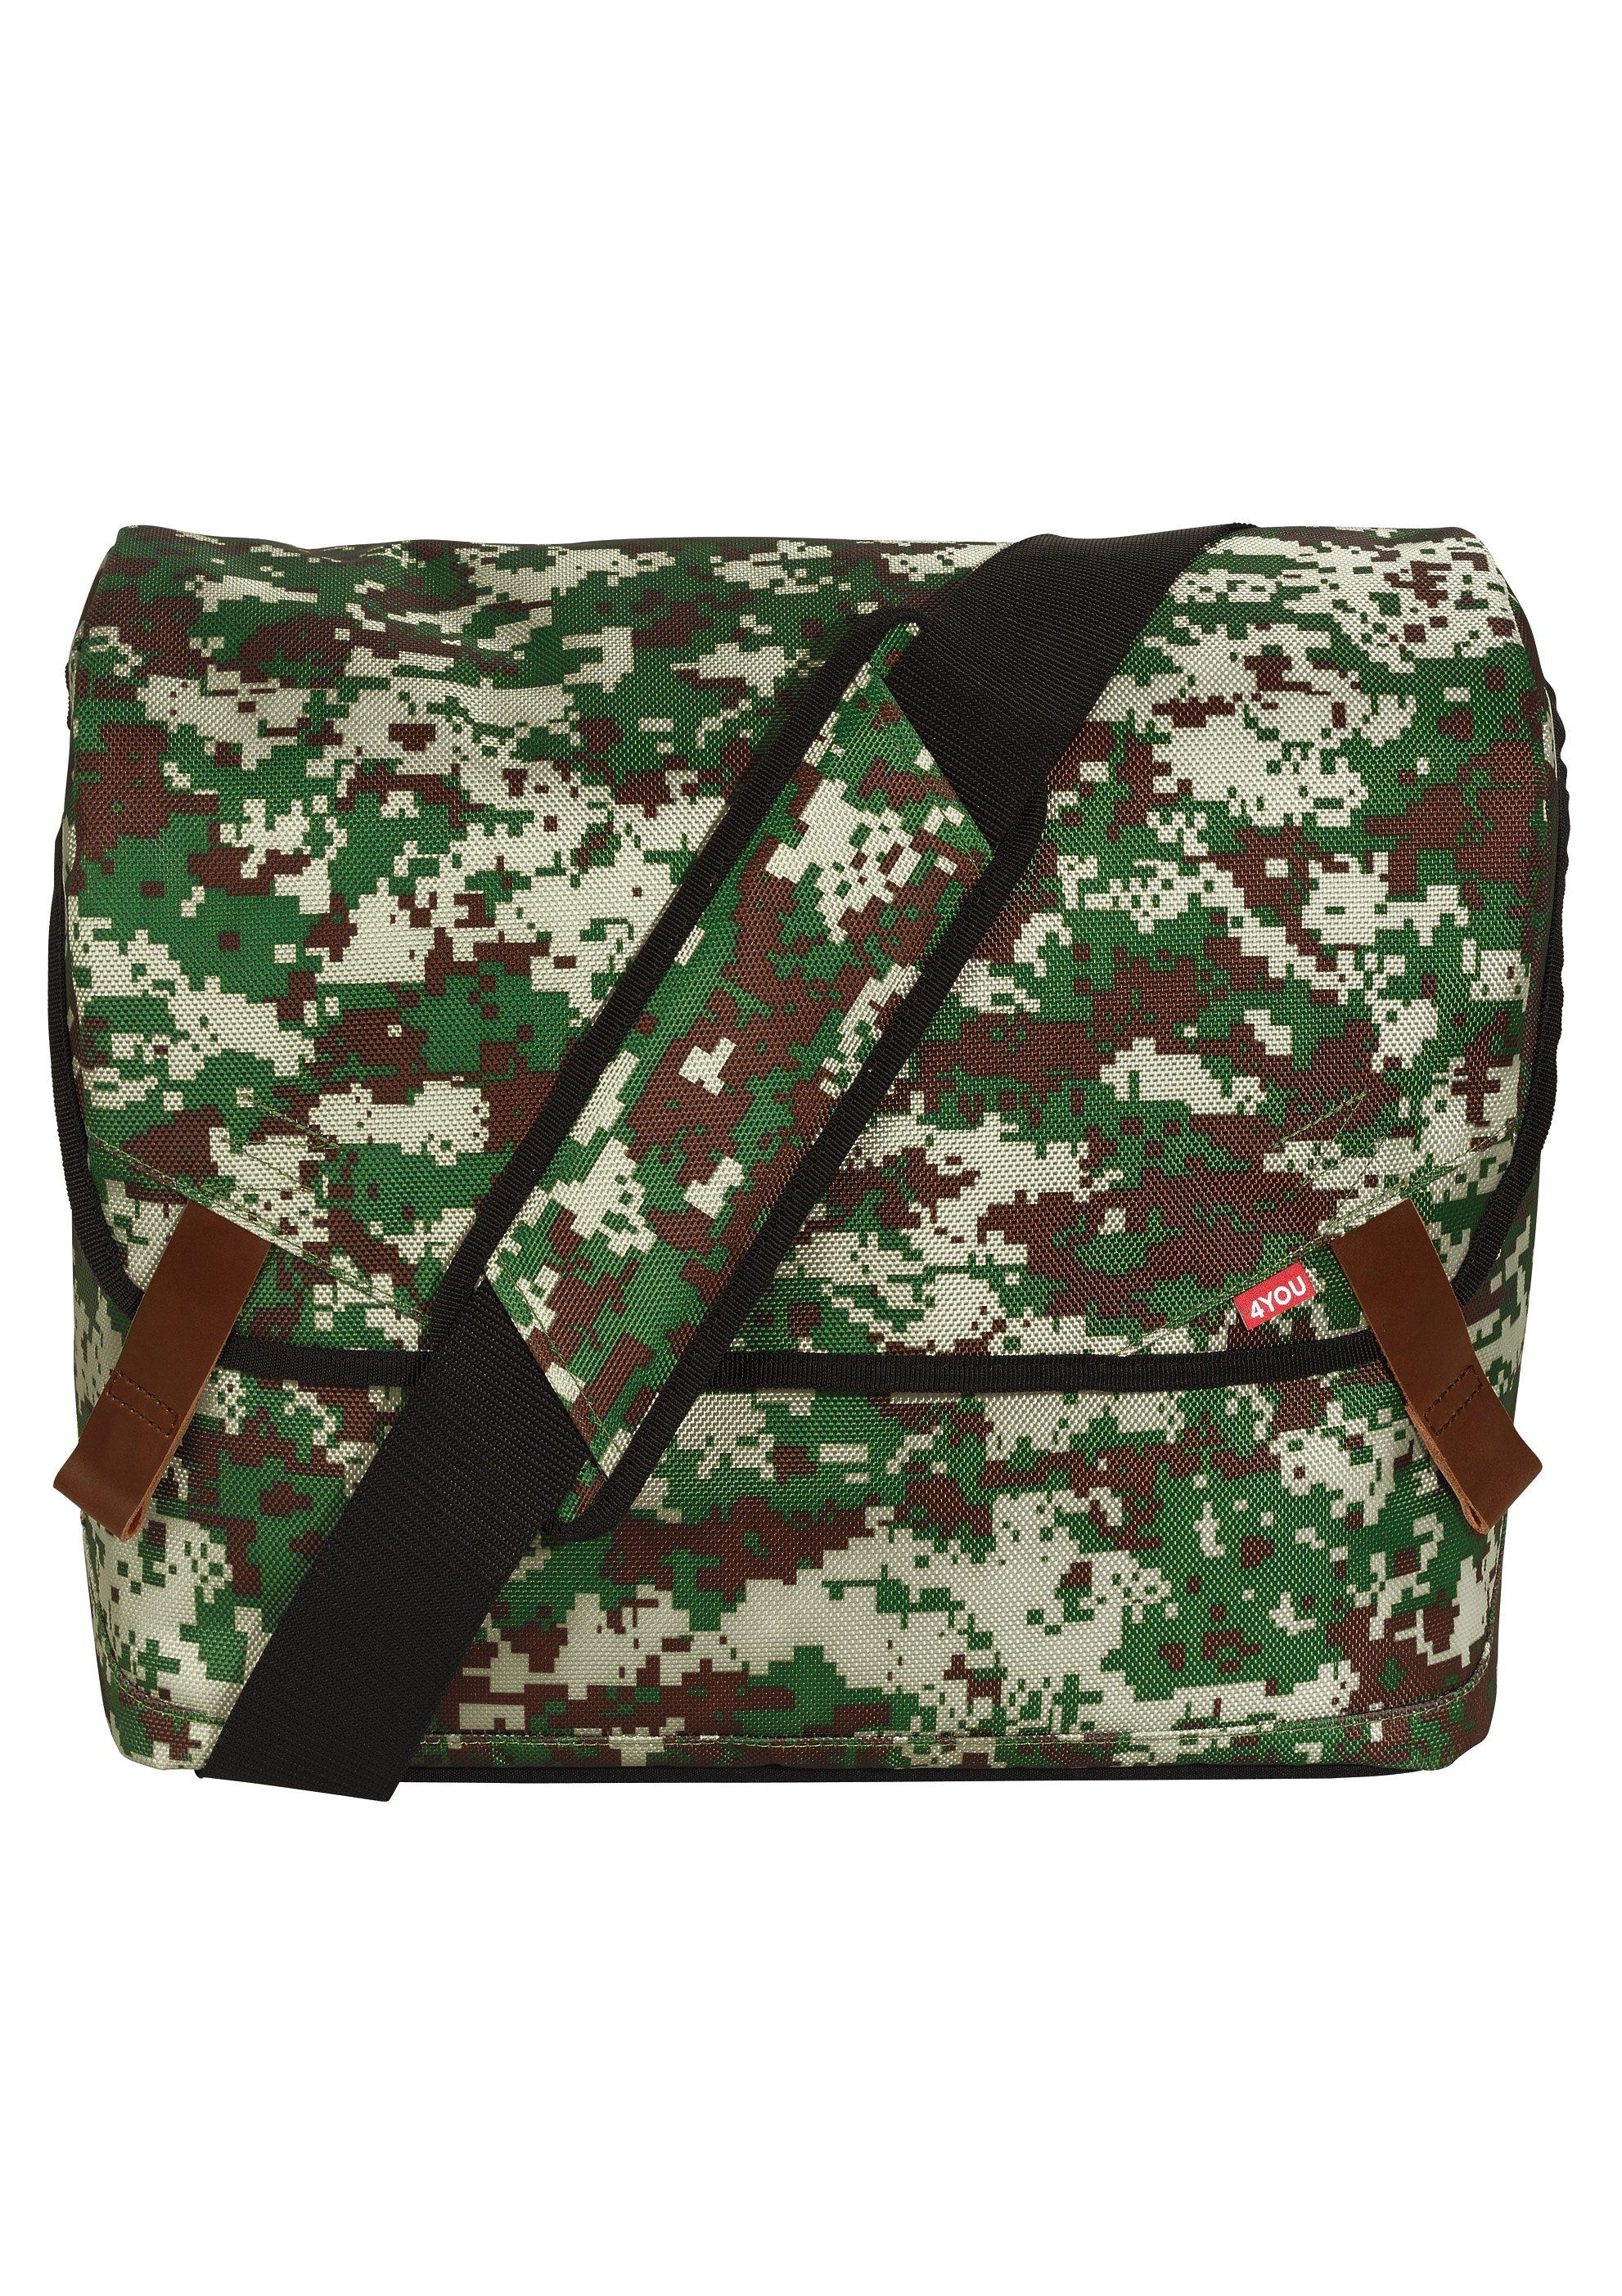 4YOU Umhängetasche mit Laptopfach, Camouflage, »Messengerbag«